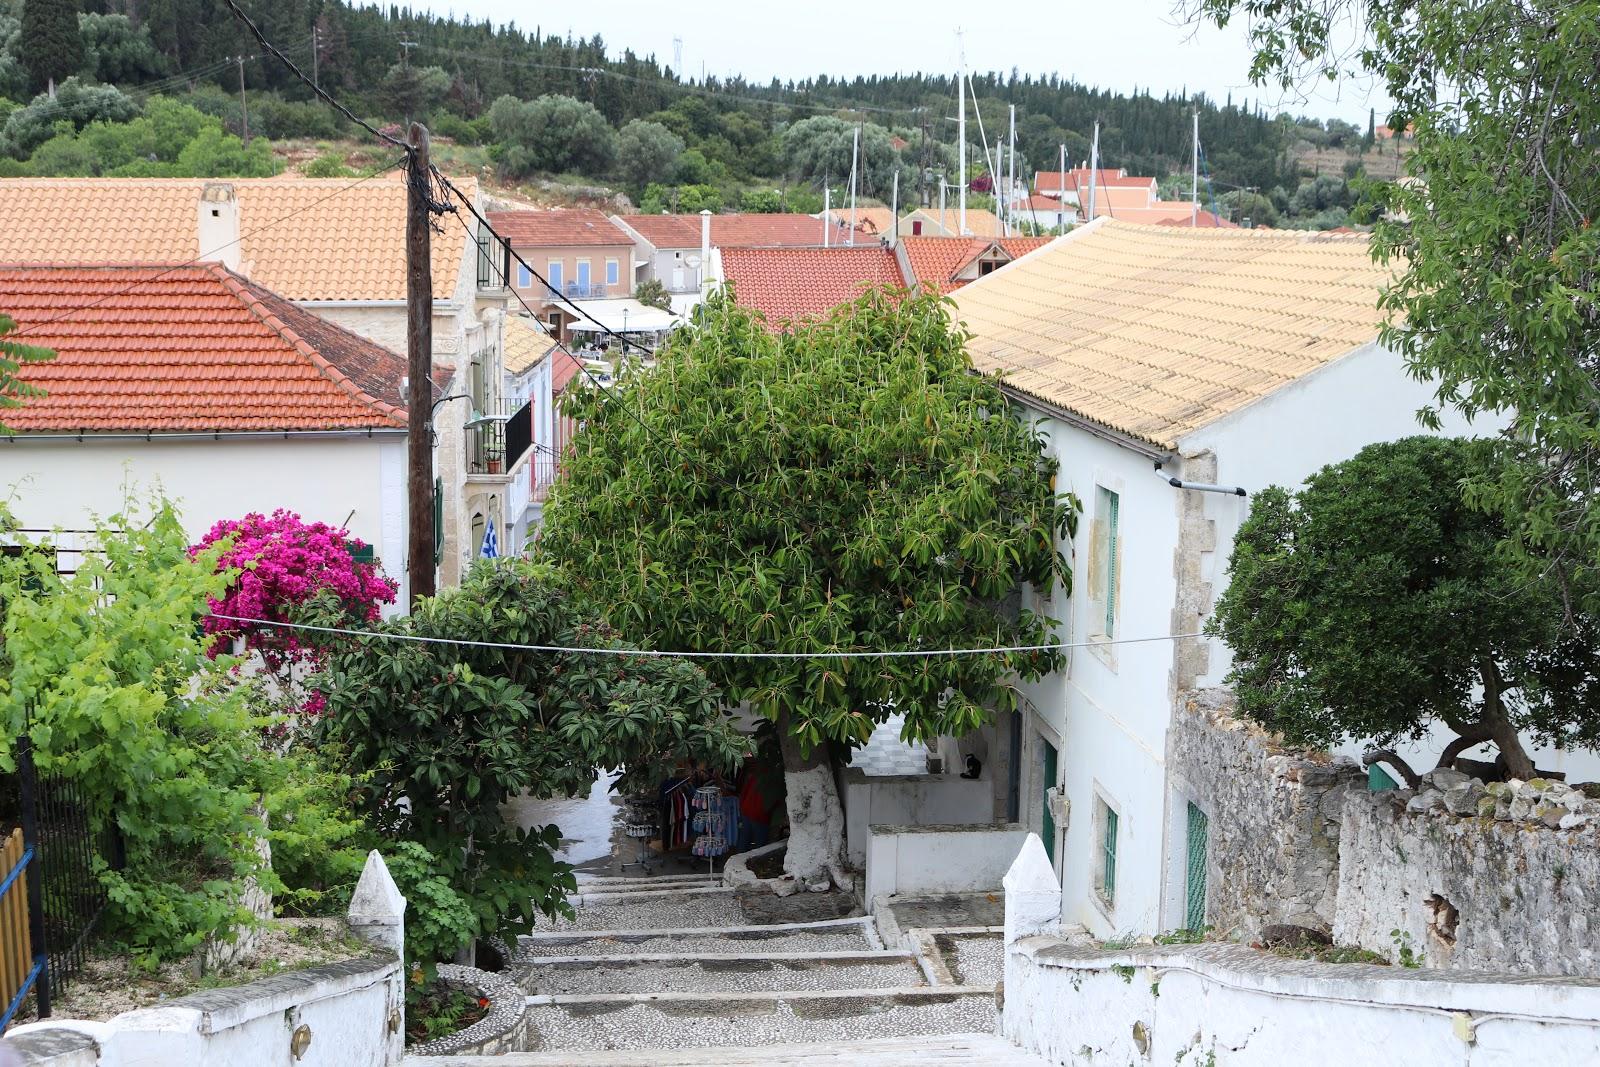 Town of Fiskardos, Kefalonia